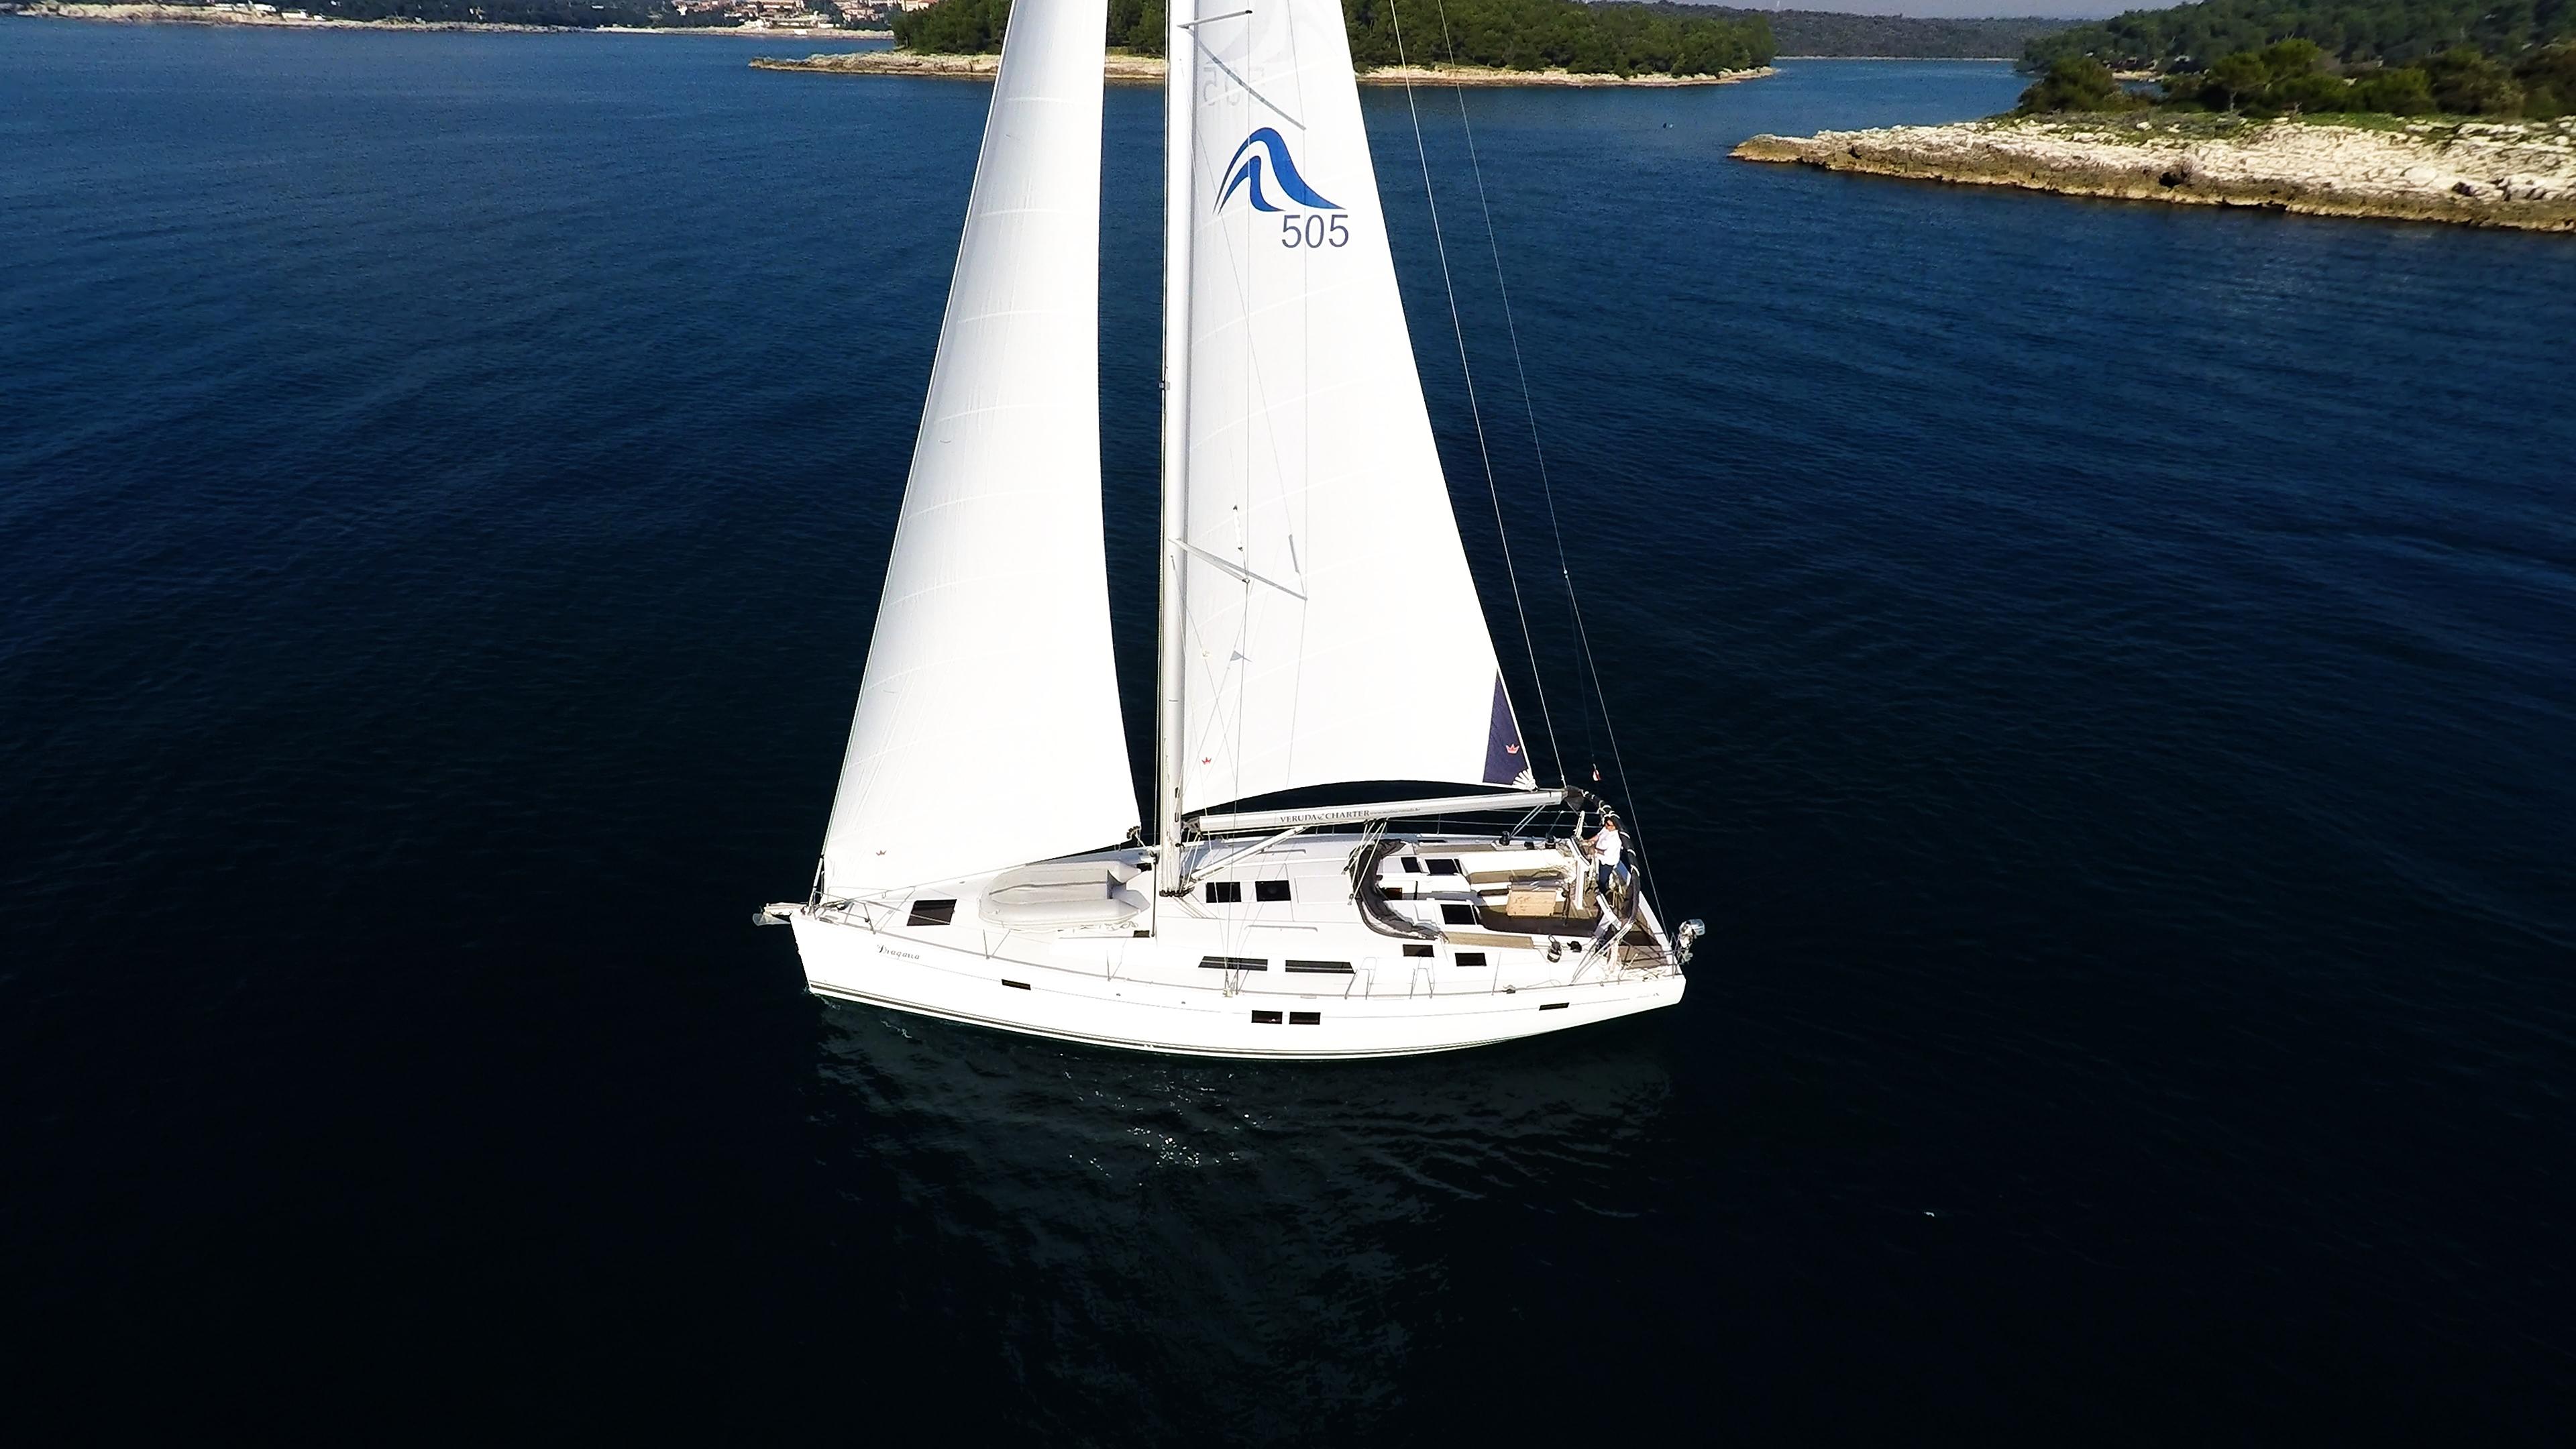 barcha a vela yacht a vela Hanse 505 5